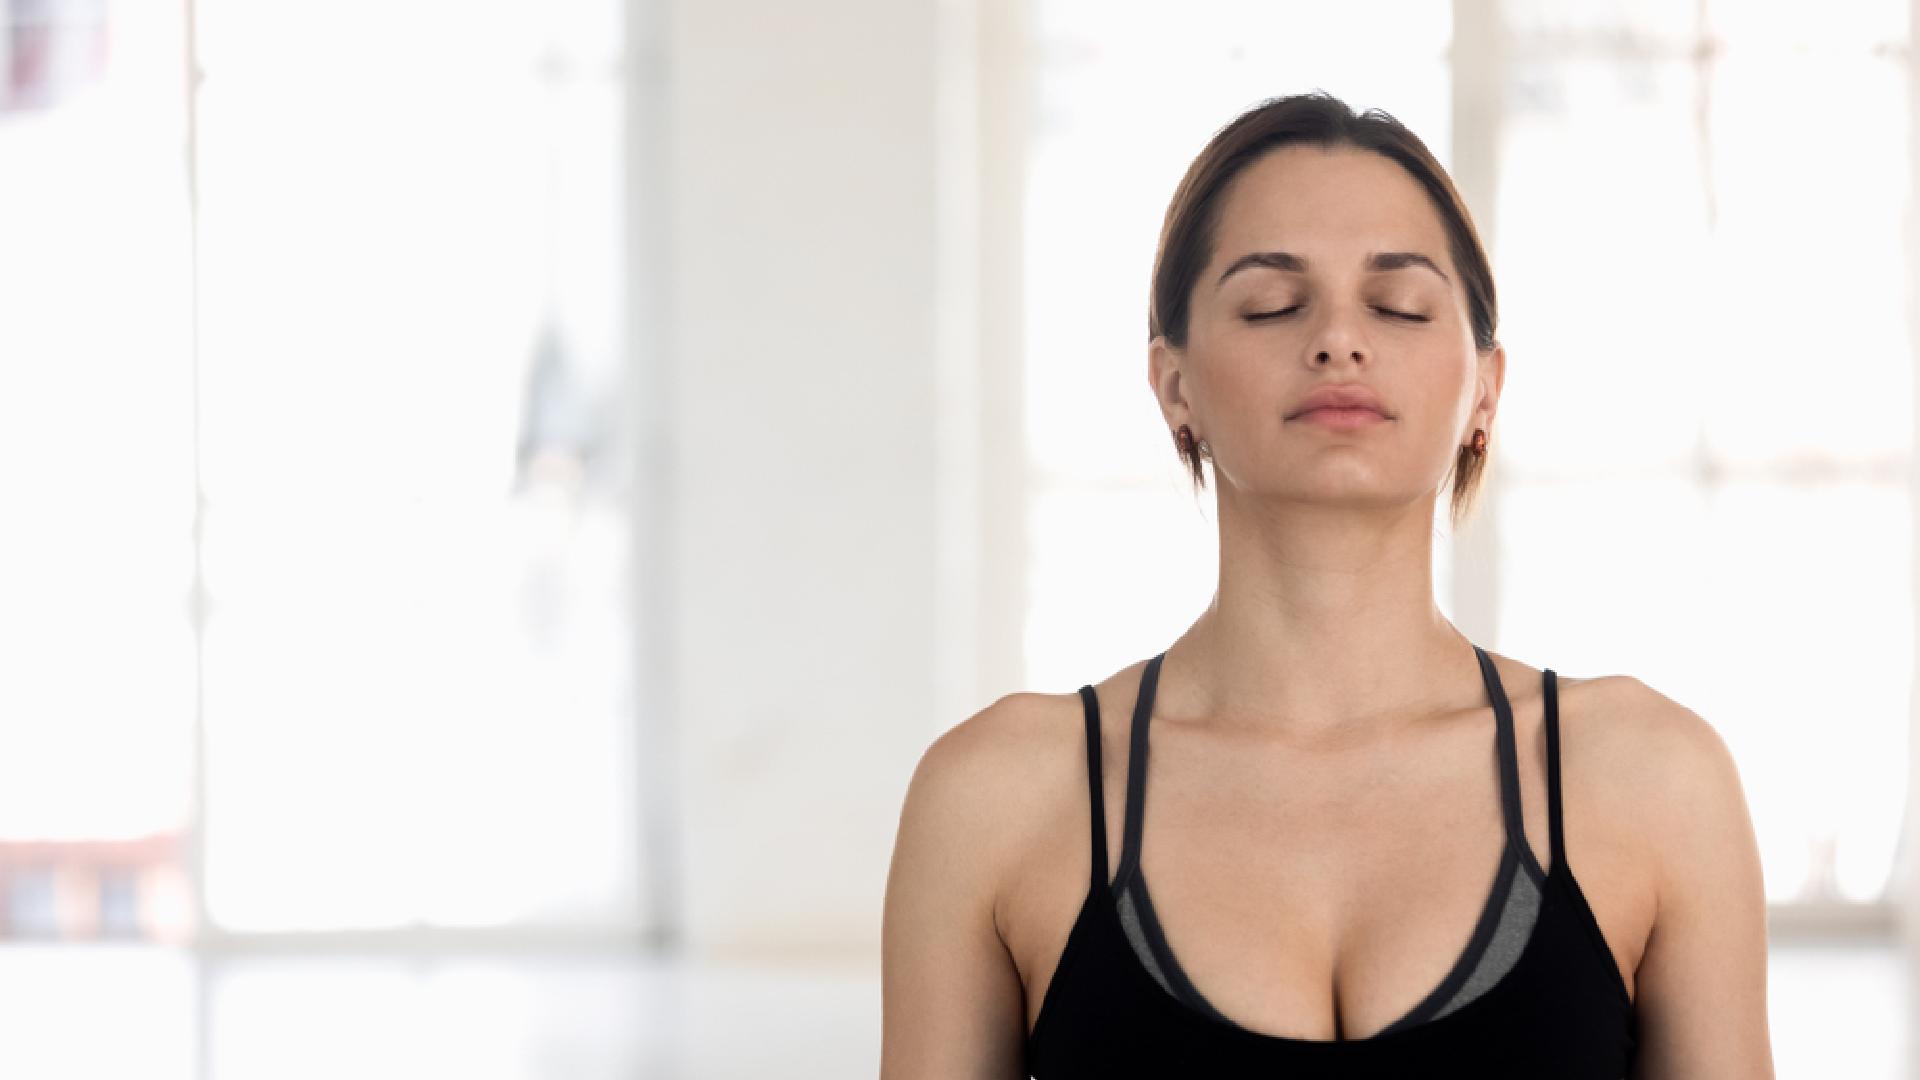 O estresse pode ter solução (Imagem: Reprodução/Shutterstock)